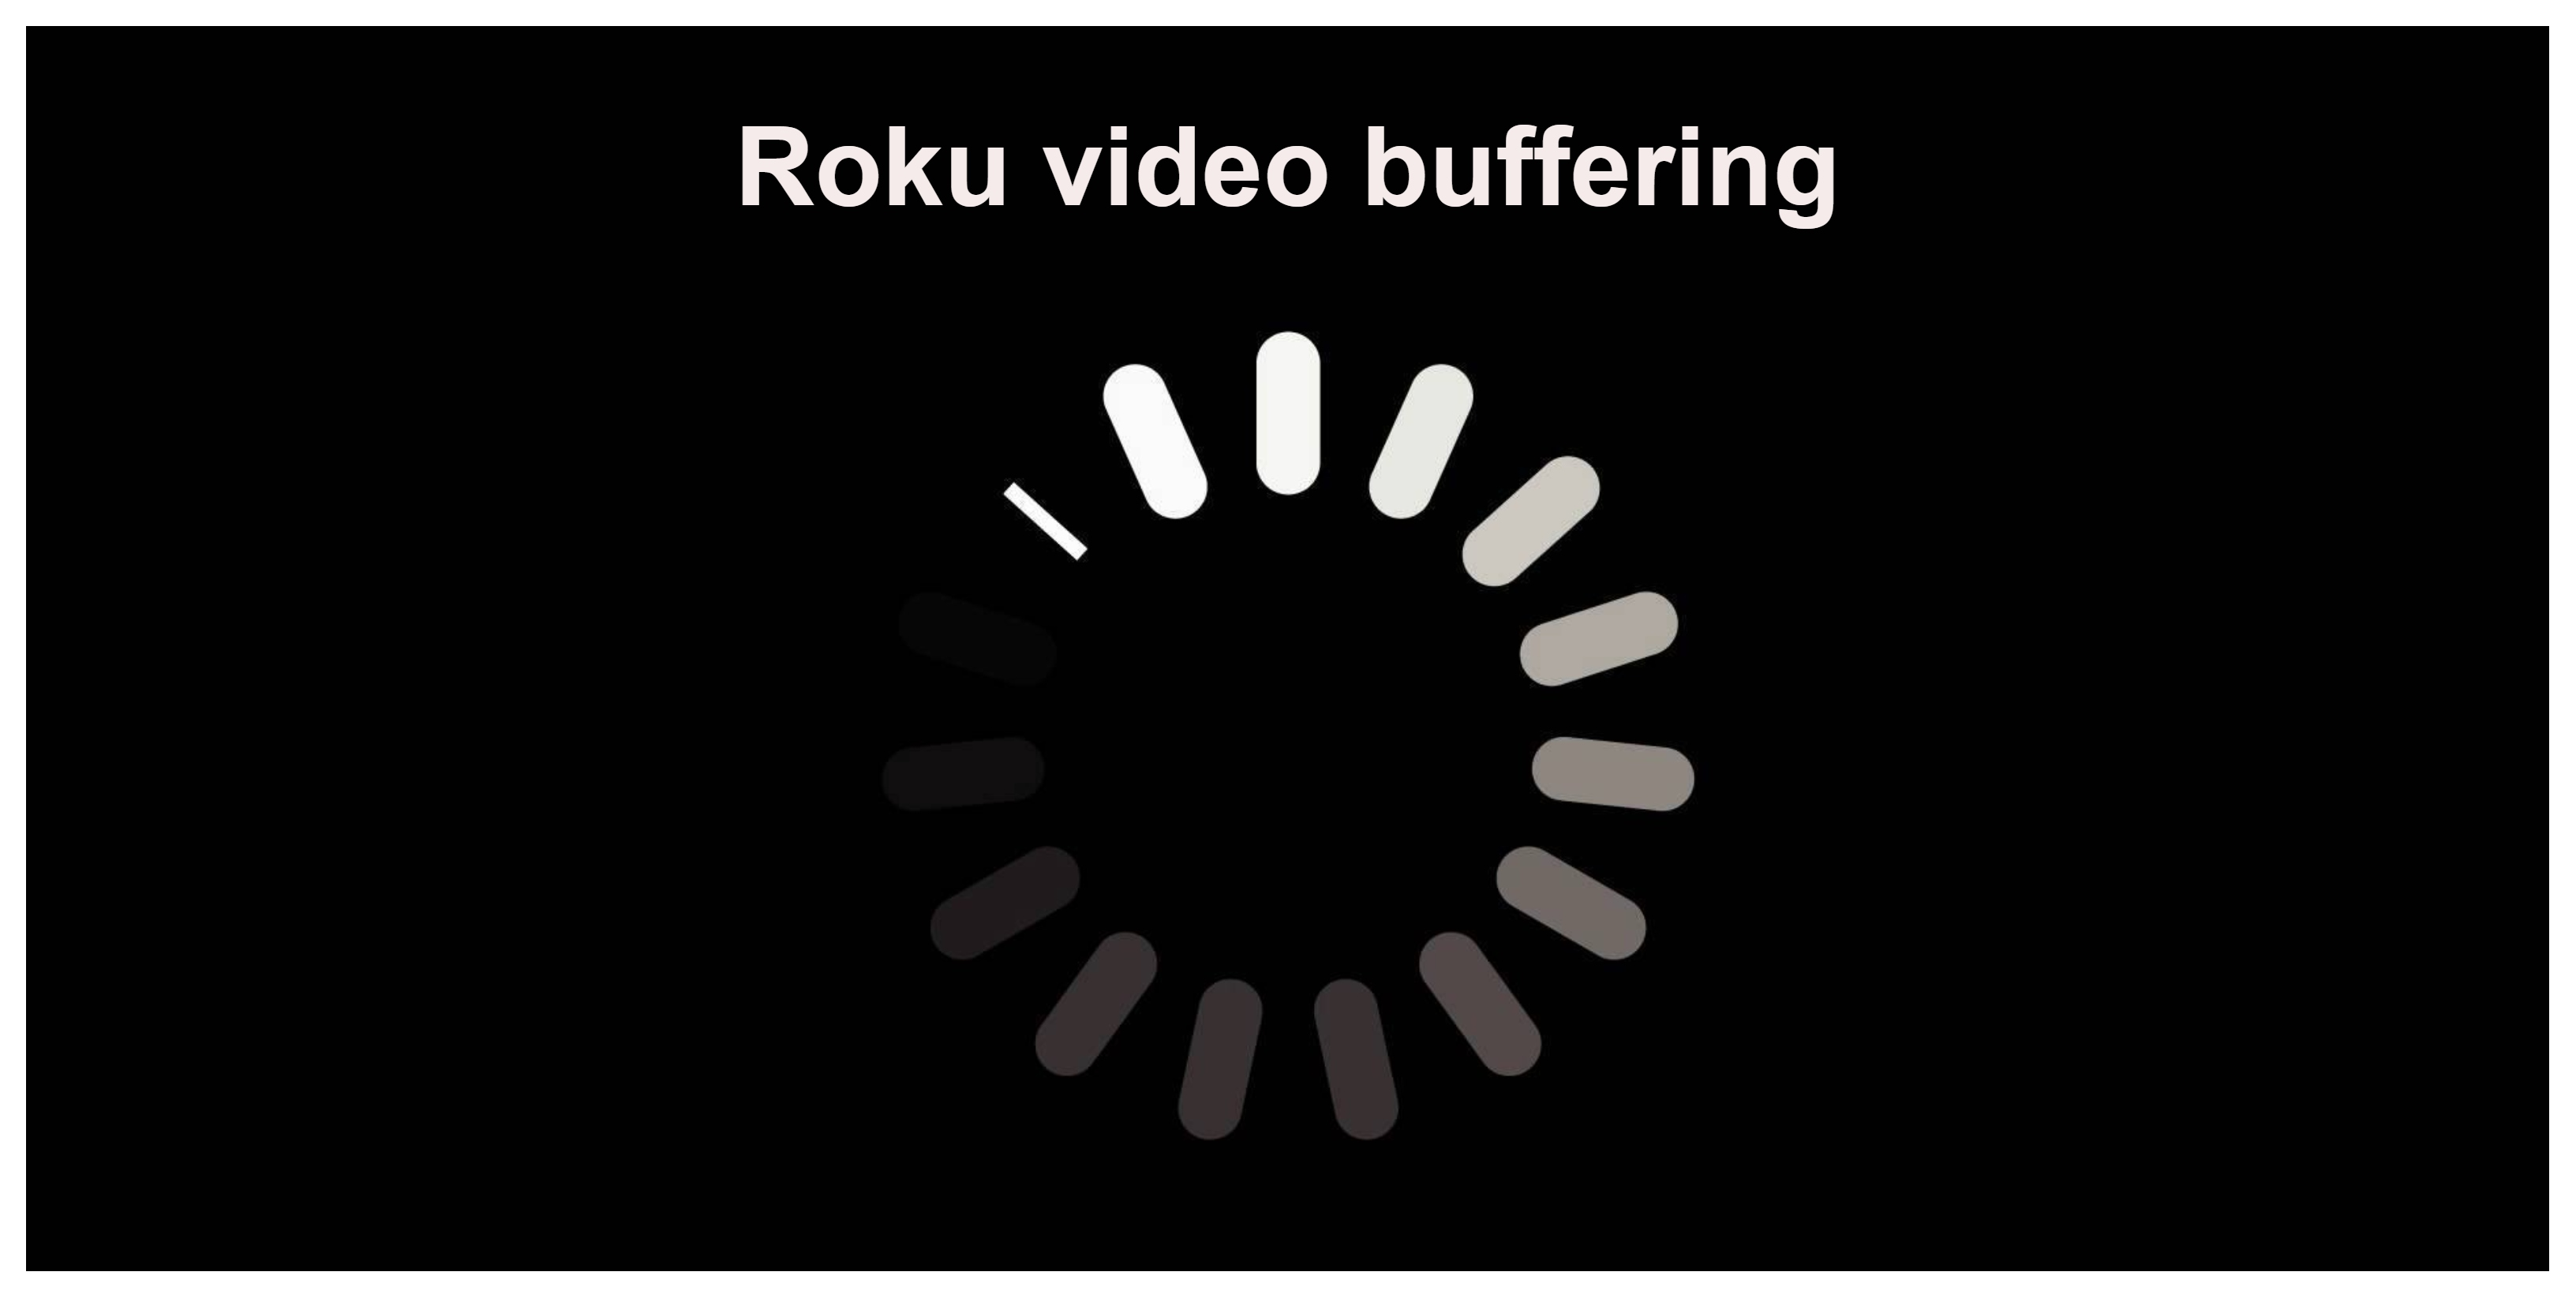 Roku buffering